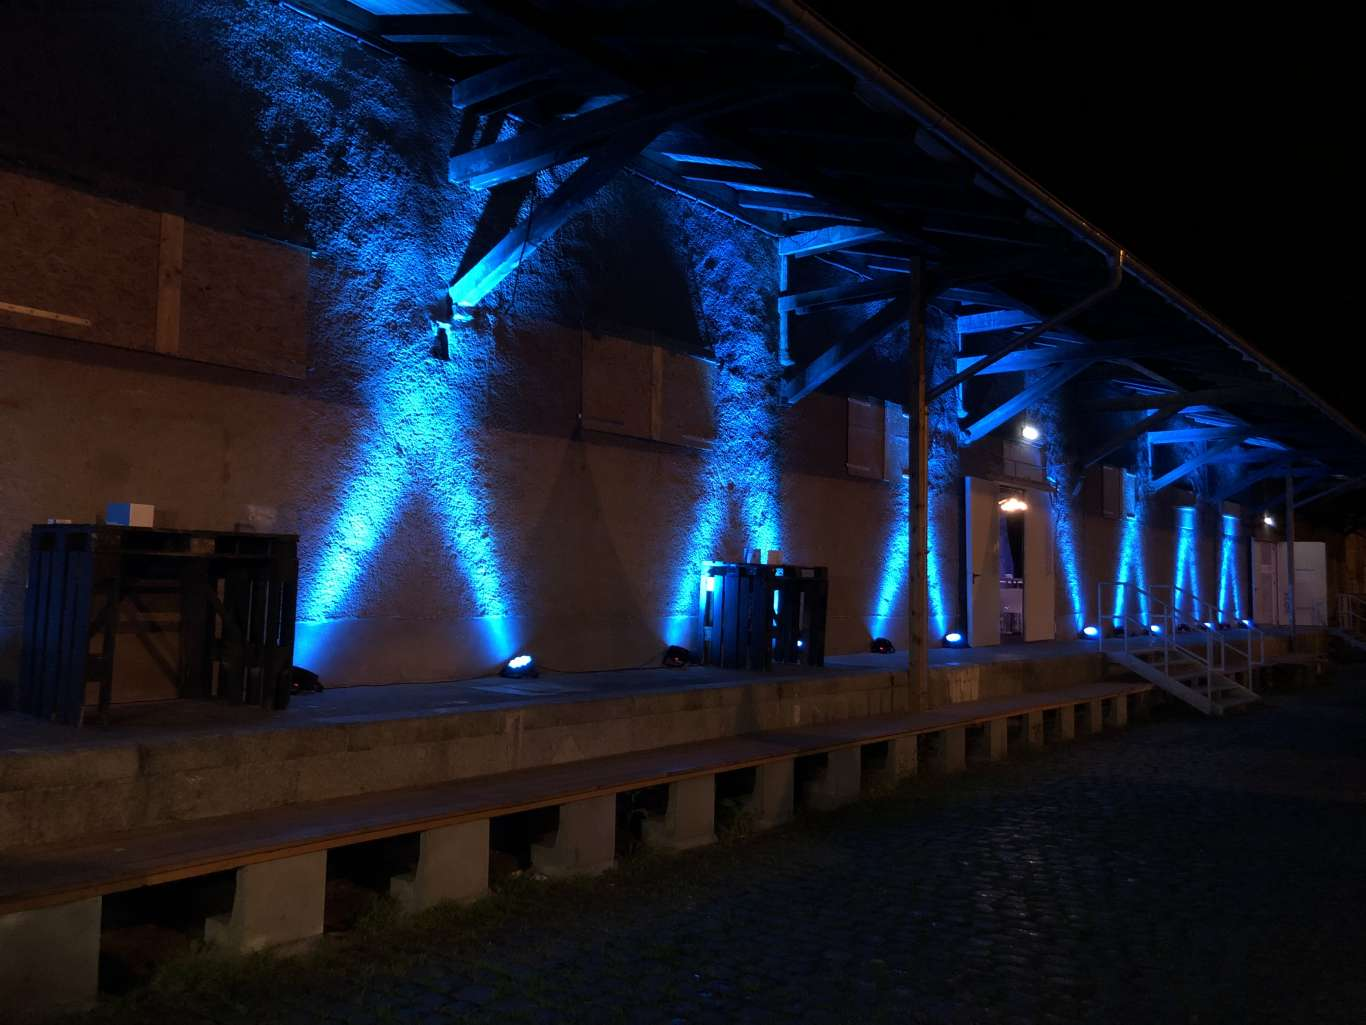 Die Halle 6 am Erfurt Zughafen wurde für das Event stimmungsvoll in der passenden Farbgebung beleuchtet. Kontinuierlich wurde so ein Event-Branding mit Wiedererkennungswert geschaffen.